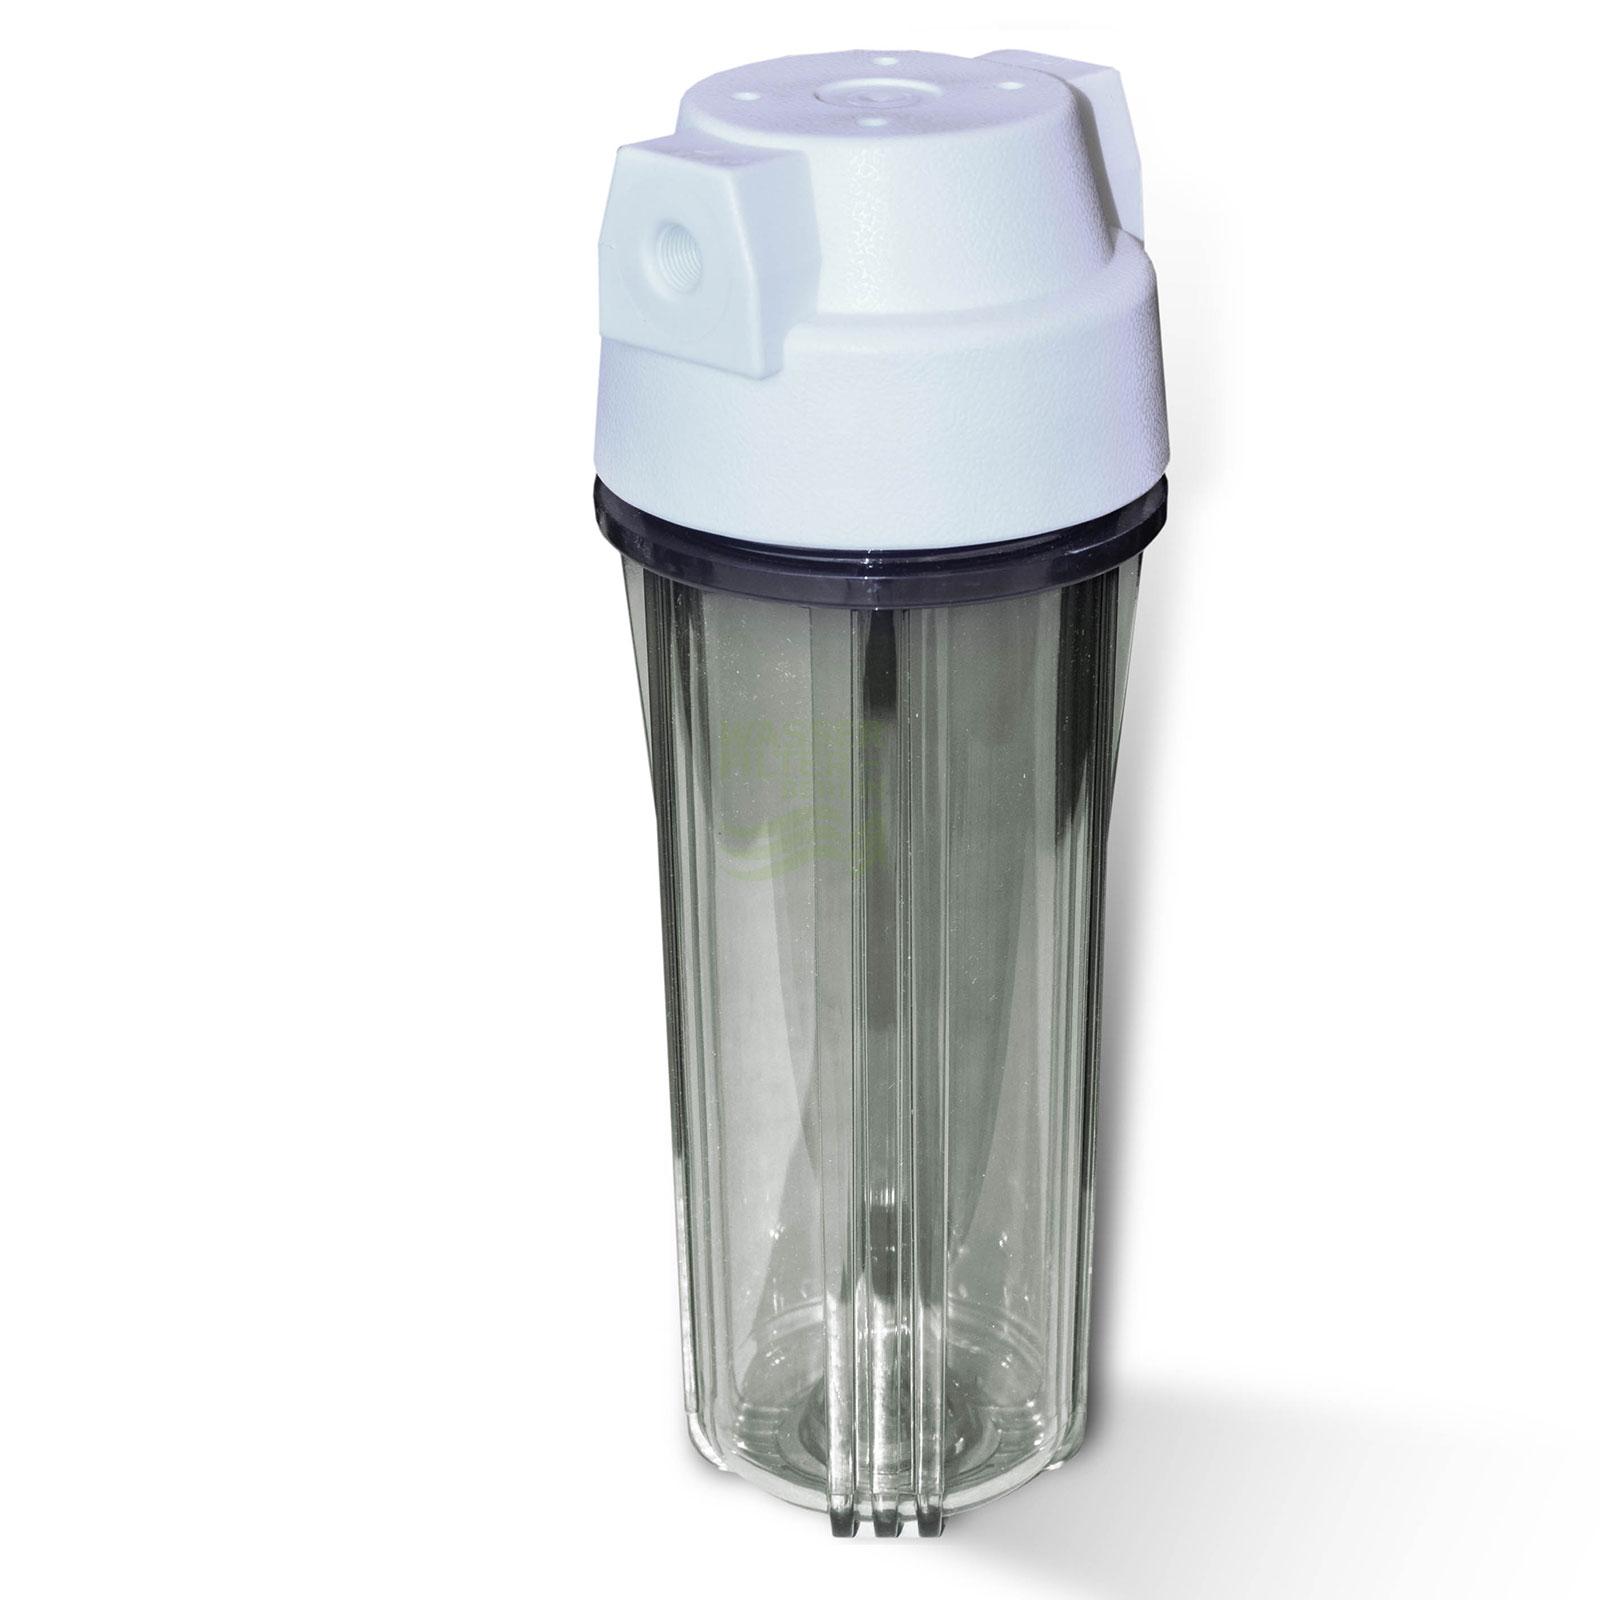 25,4cm (10 Zoll) Wasserfiltergehäuse, Umkehrosmose, weiss/klar